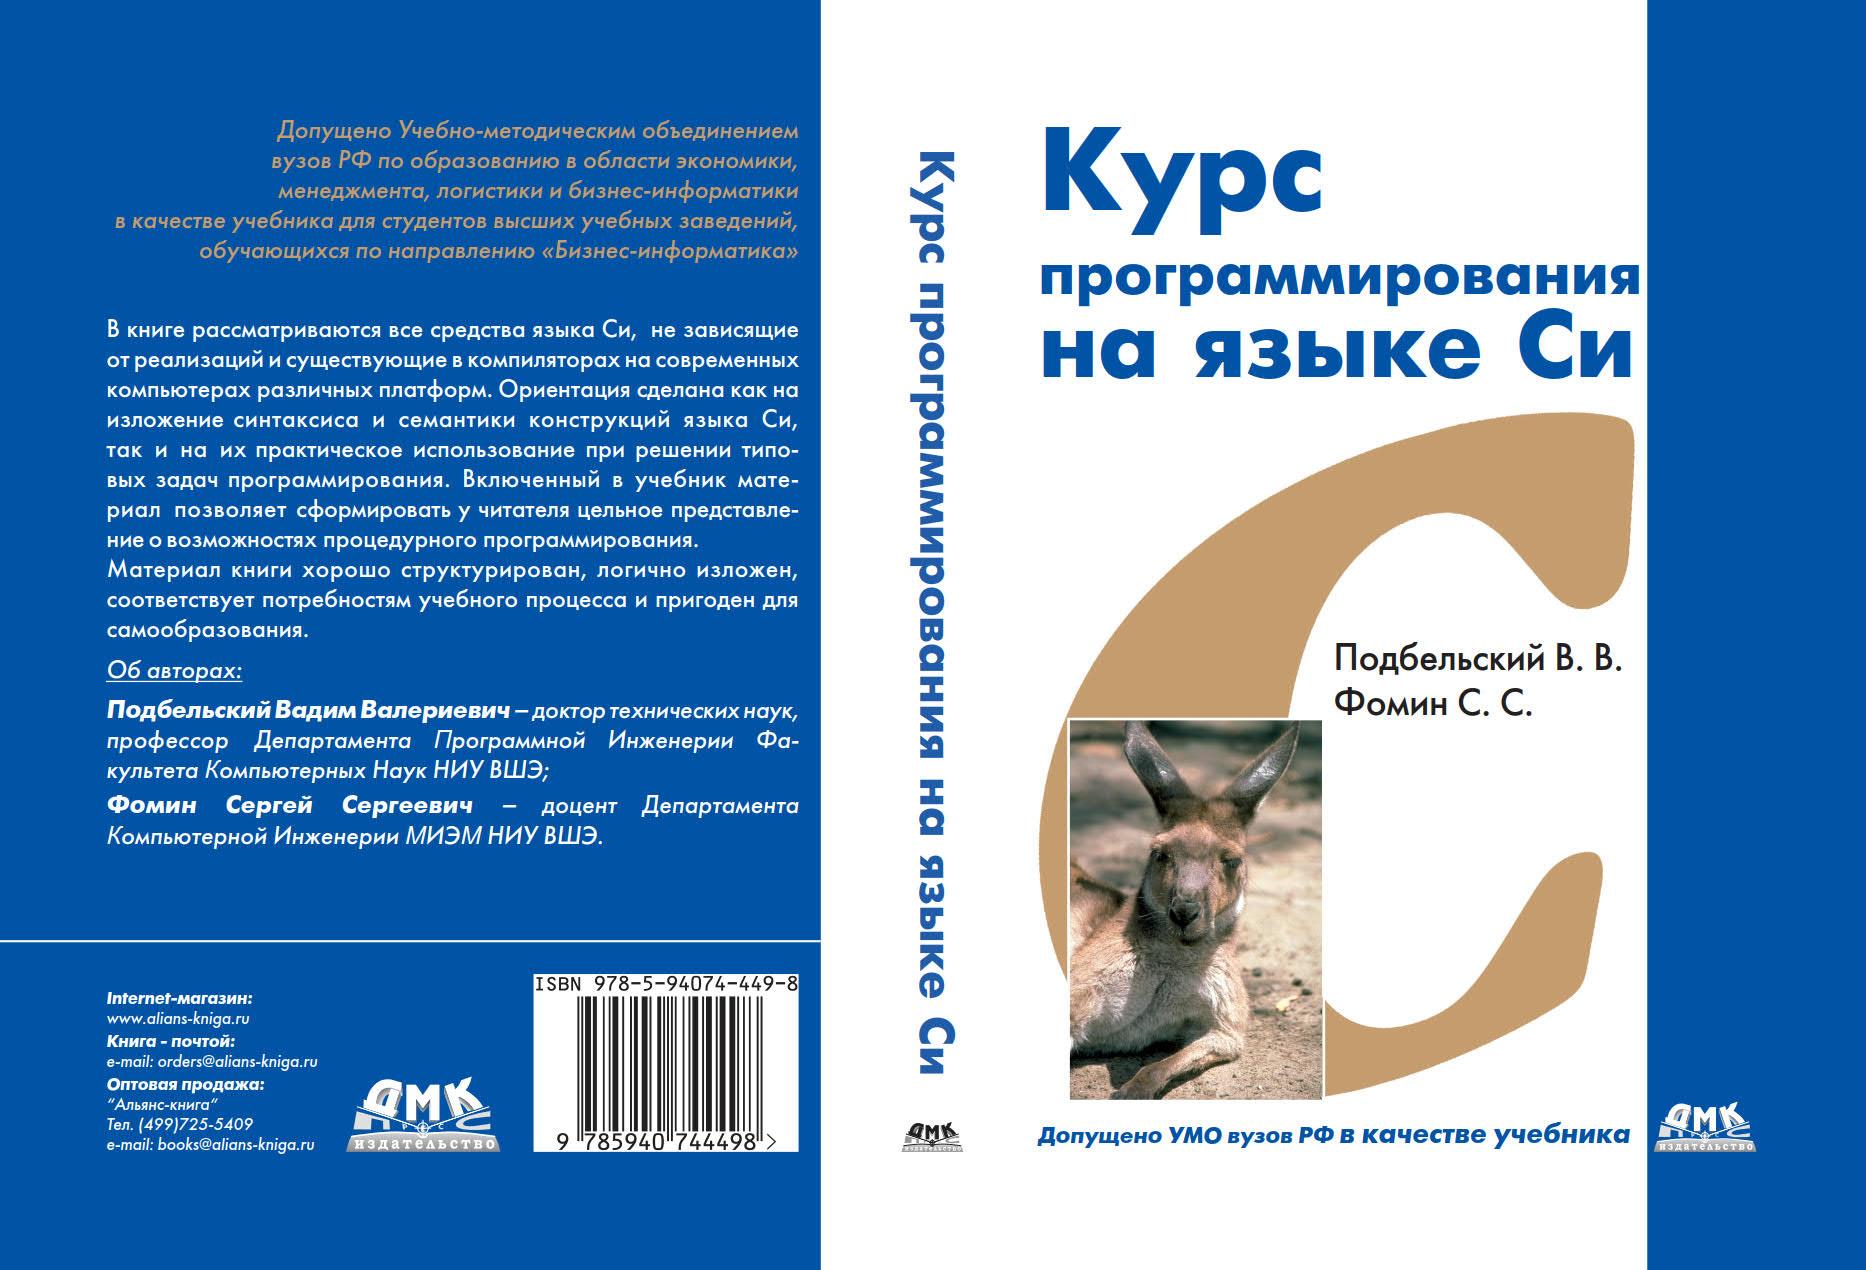 Курс программирования на языке Си: учебник. - Изд. 2-е, перераб.